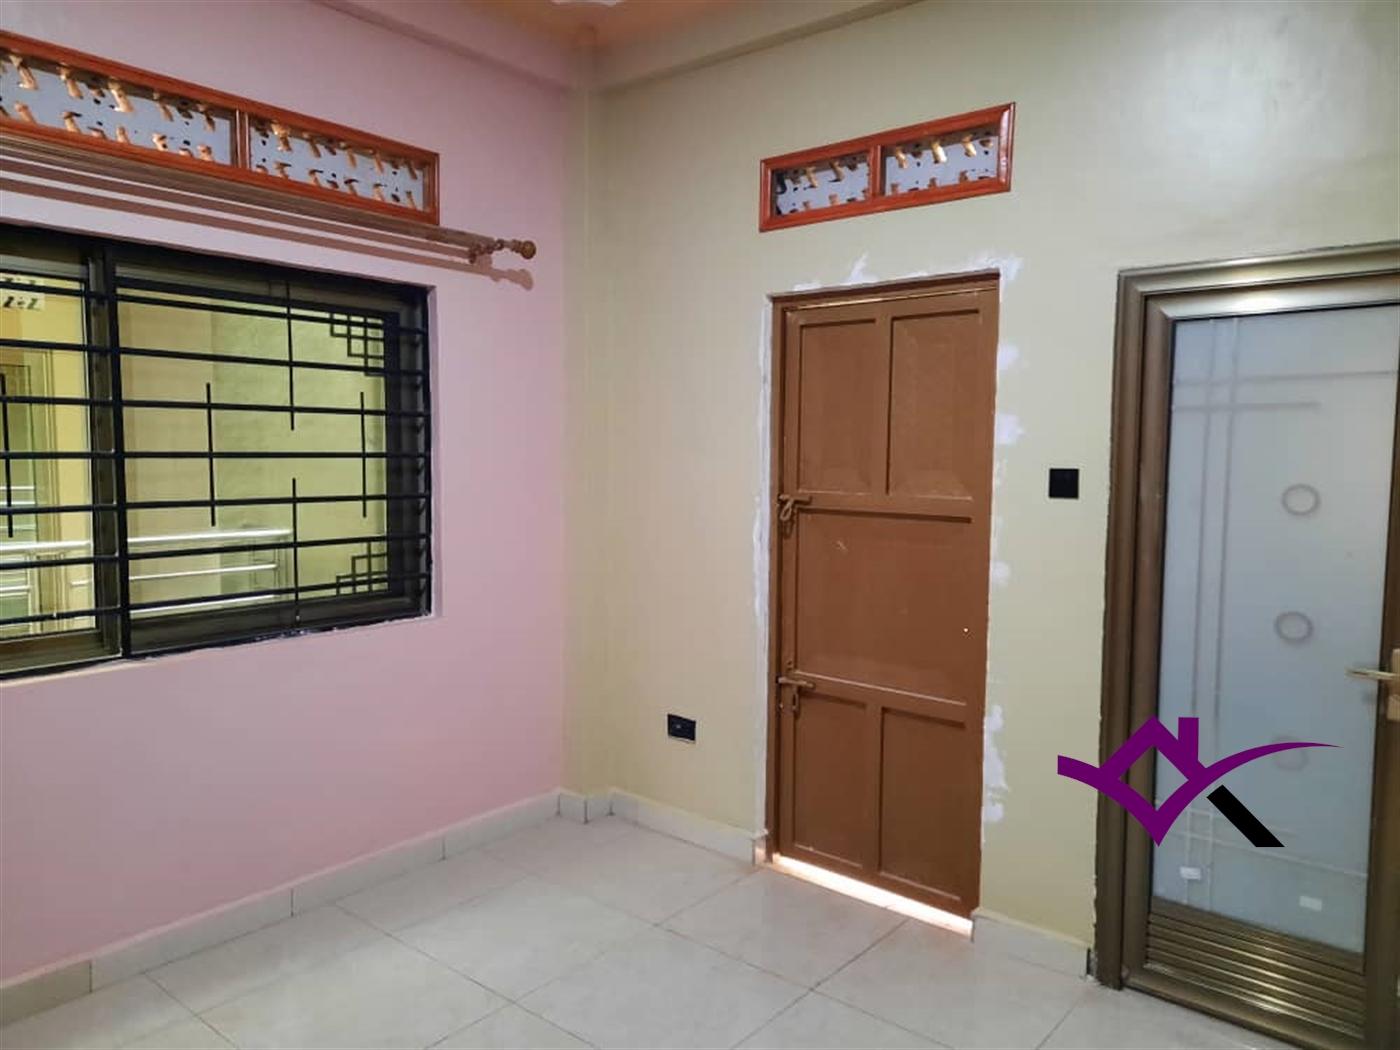 Apartment block for sale in Rubaga Kampala